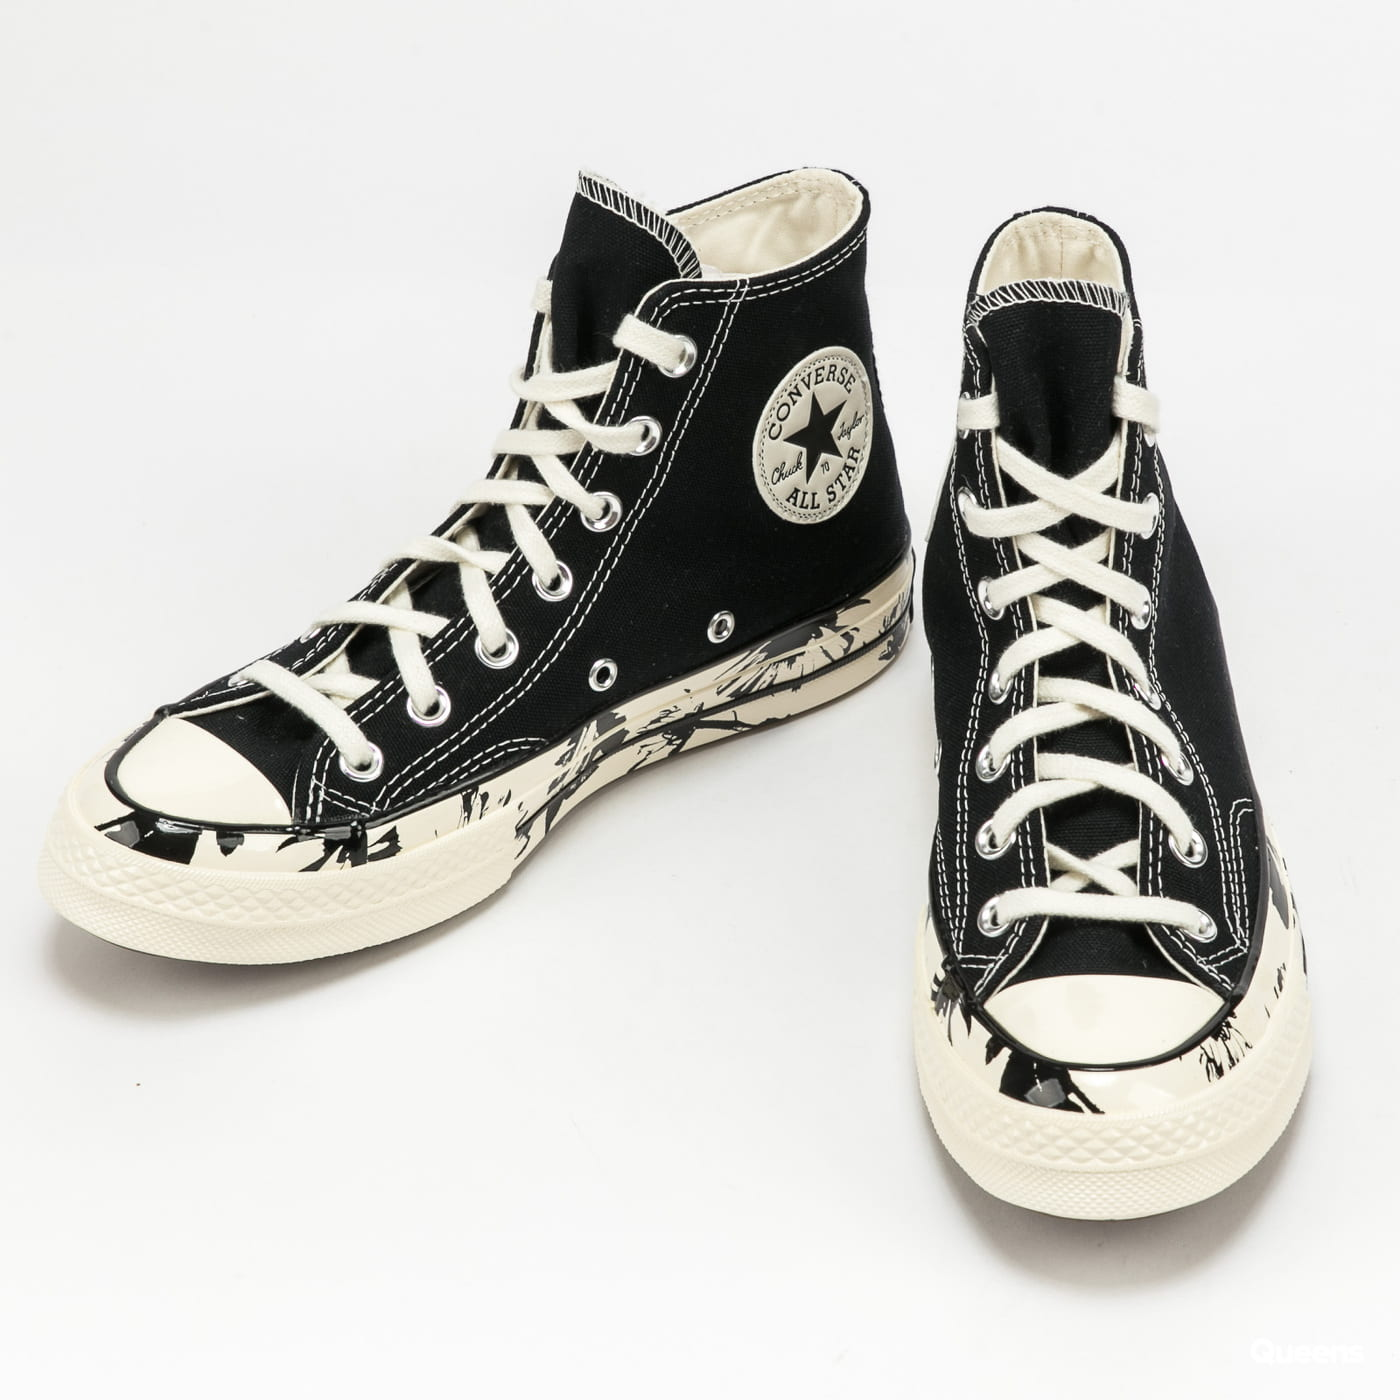 Converse Chuck 70 Hi black / egret / egret